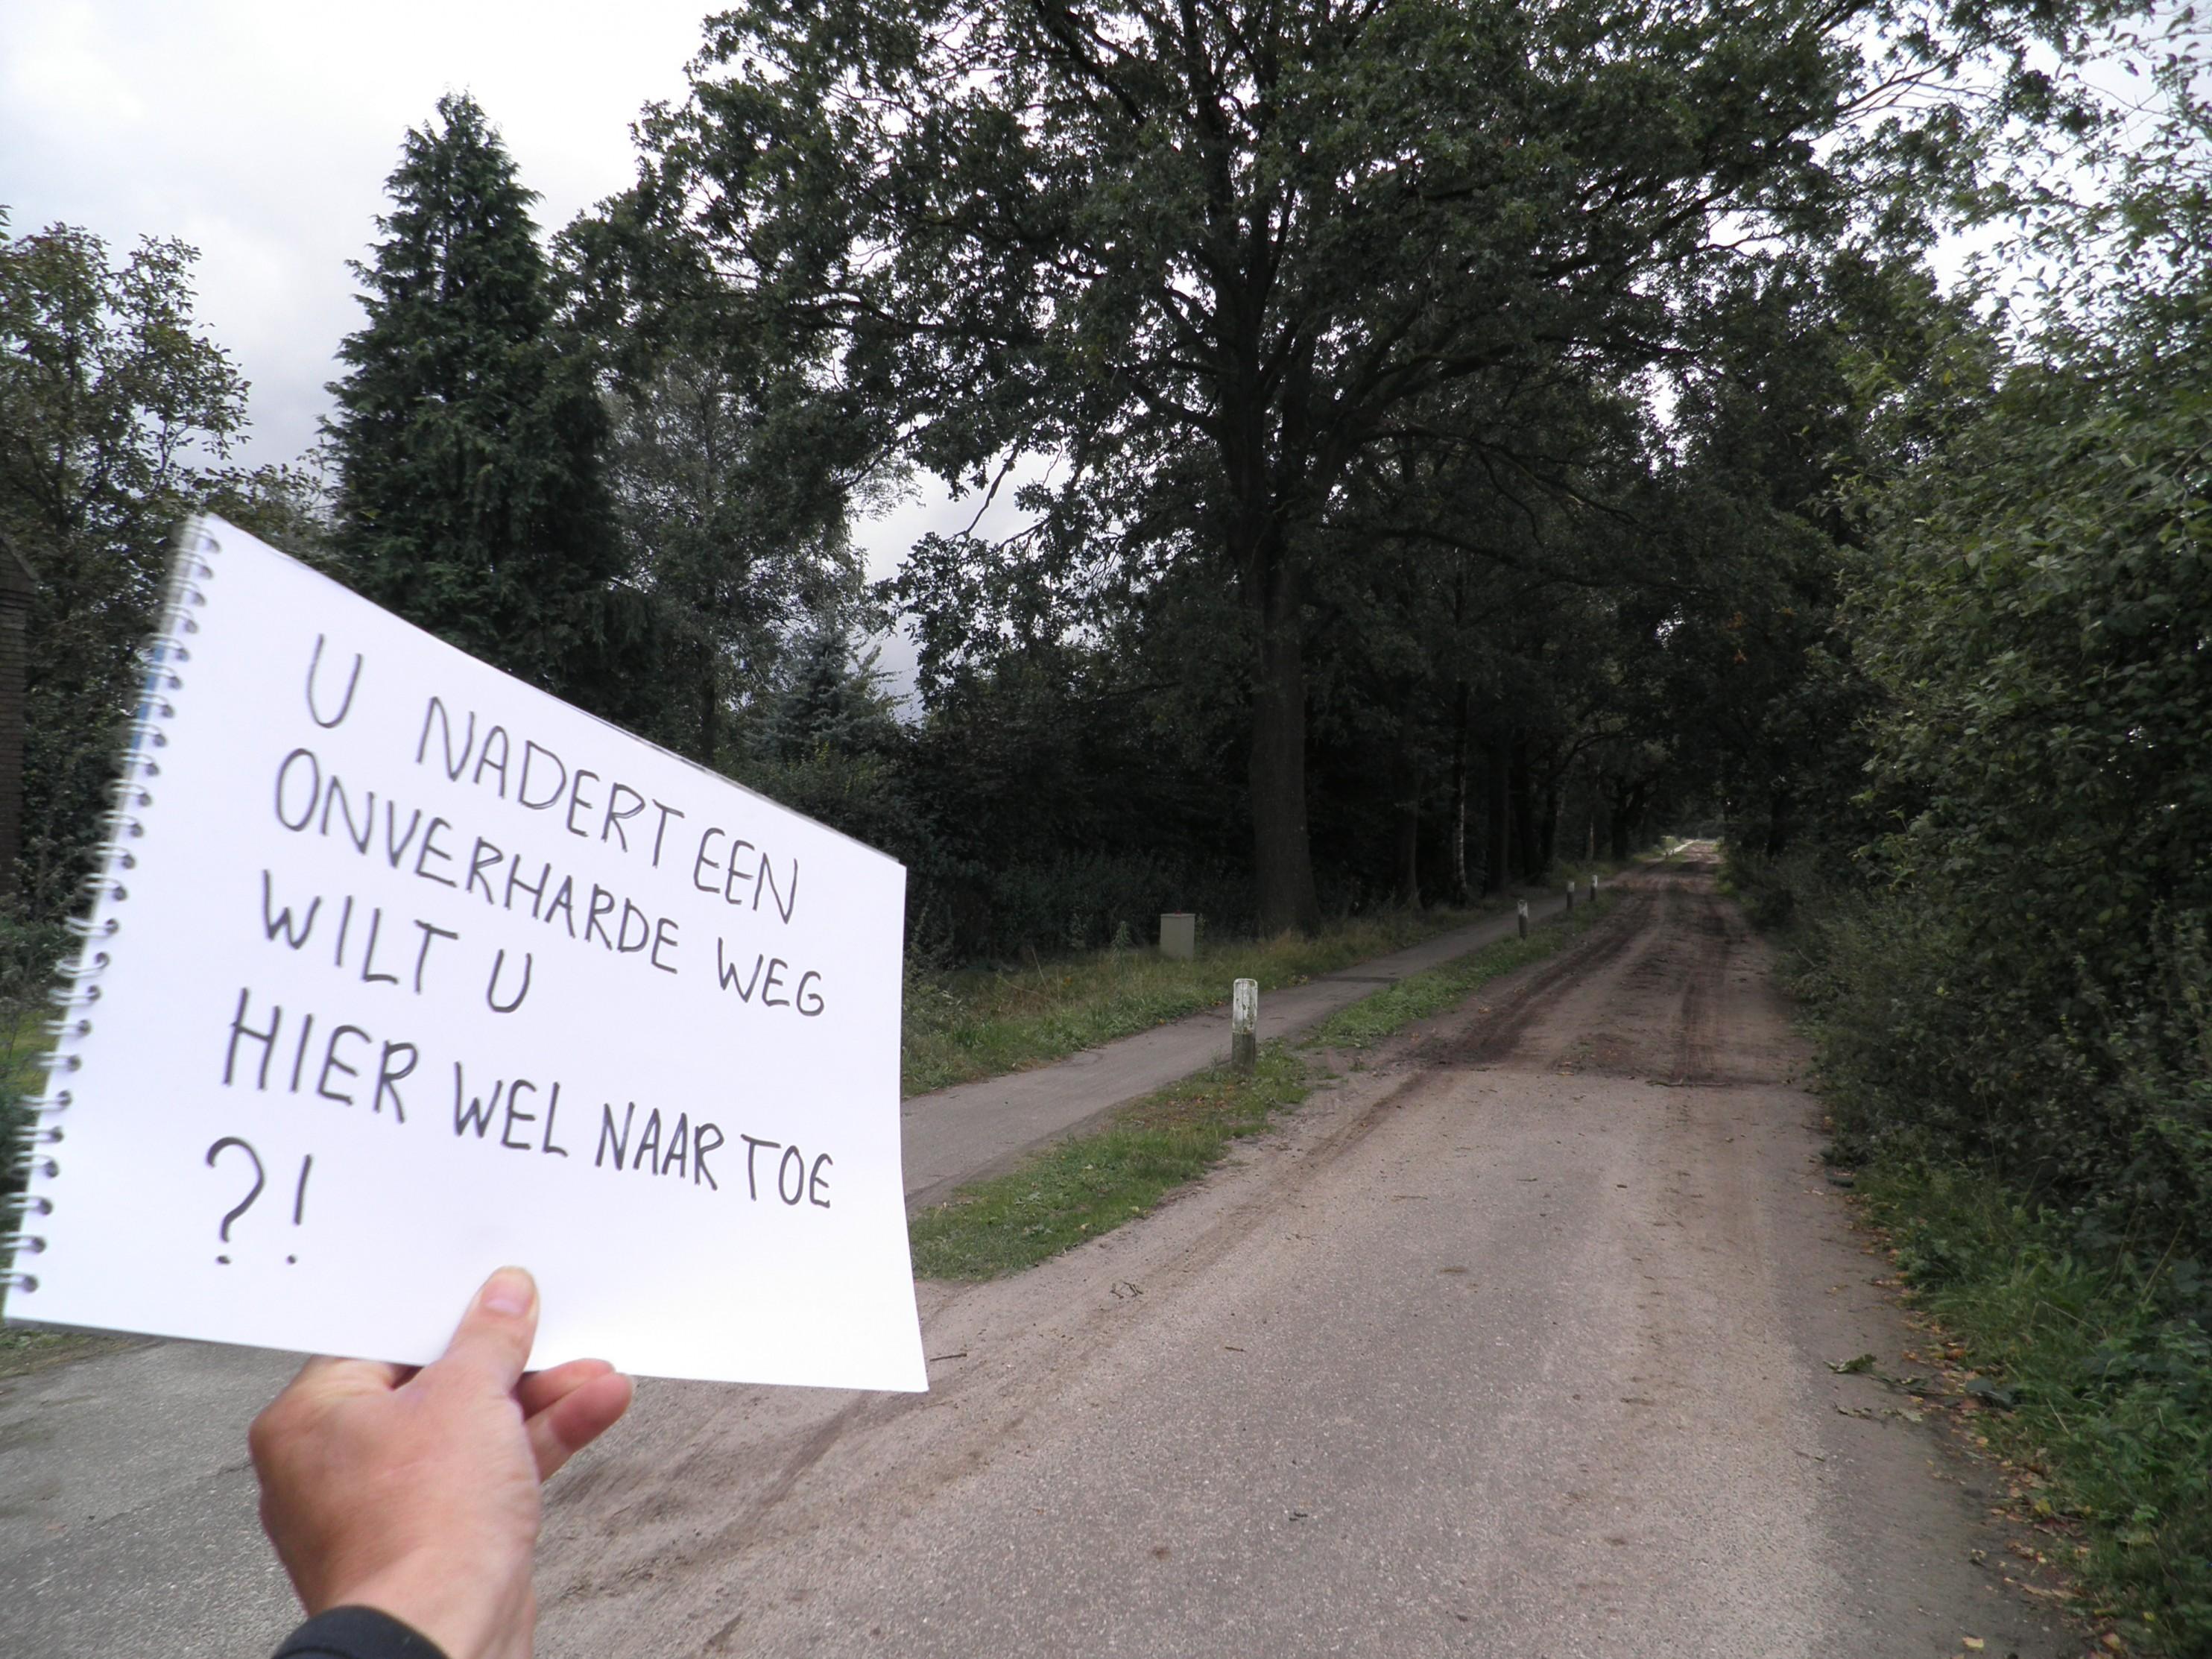 De onverharde weg het einde van de wereld alowieke - Thuis schommelstoel van de wereld ...